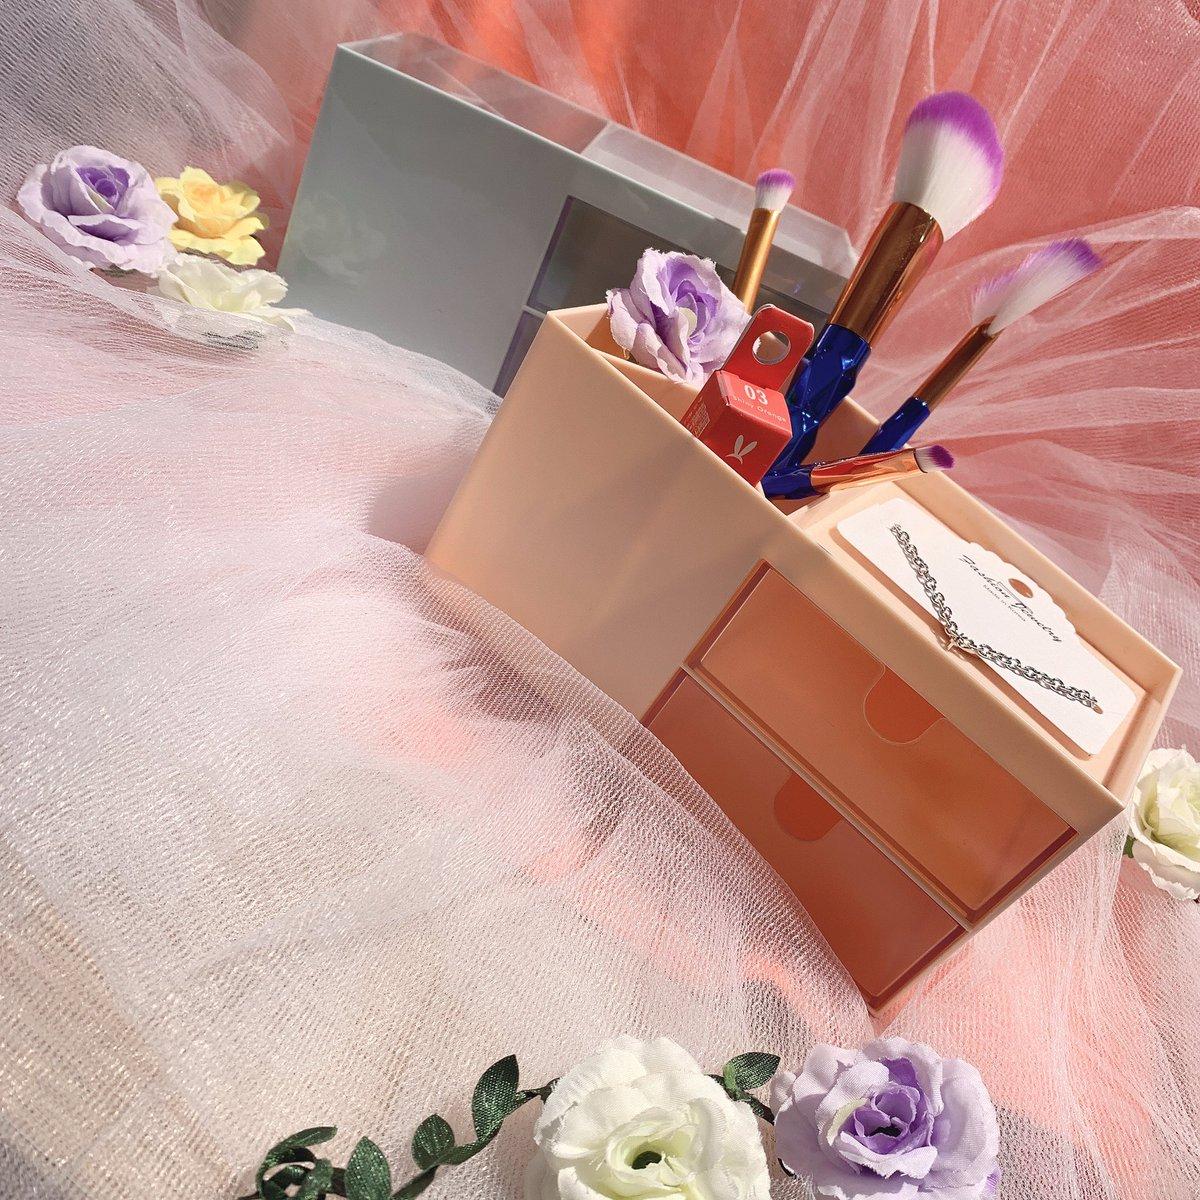 💋商品紹介💋  可愛い小物入れのご紹介です🌸  引き出しにしまえるだけでなく、アクセを置いたり ブラシやマスカラ、クシなども立てて収納できますよ🥺❣️ カラーはピンクとブルーの2色となっております🧸☁️💕  もちろん全品390円+tax👛✨  #サンキューマート #小物入れ #欲しいと思ったらRT https://t.co/3EPkS7rIum